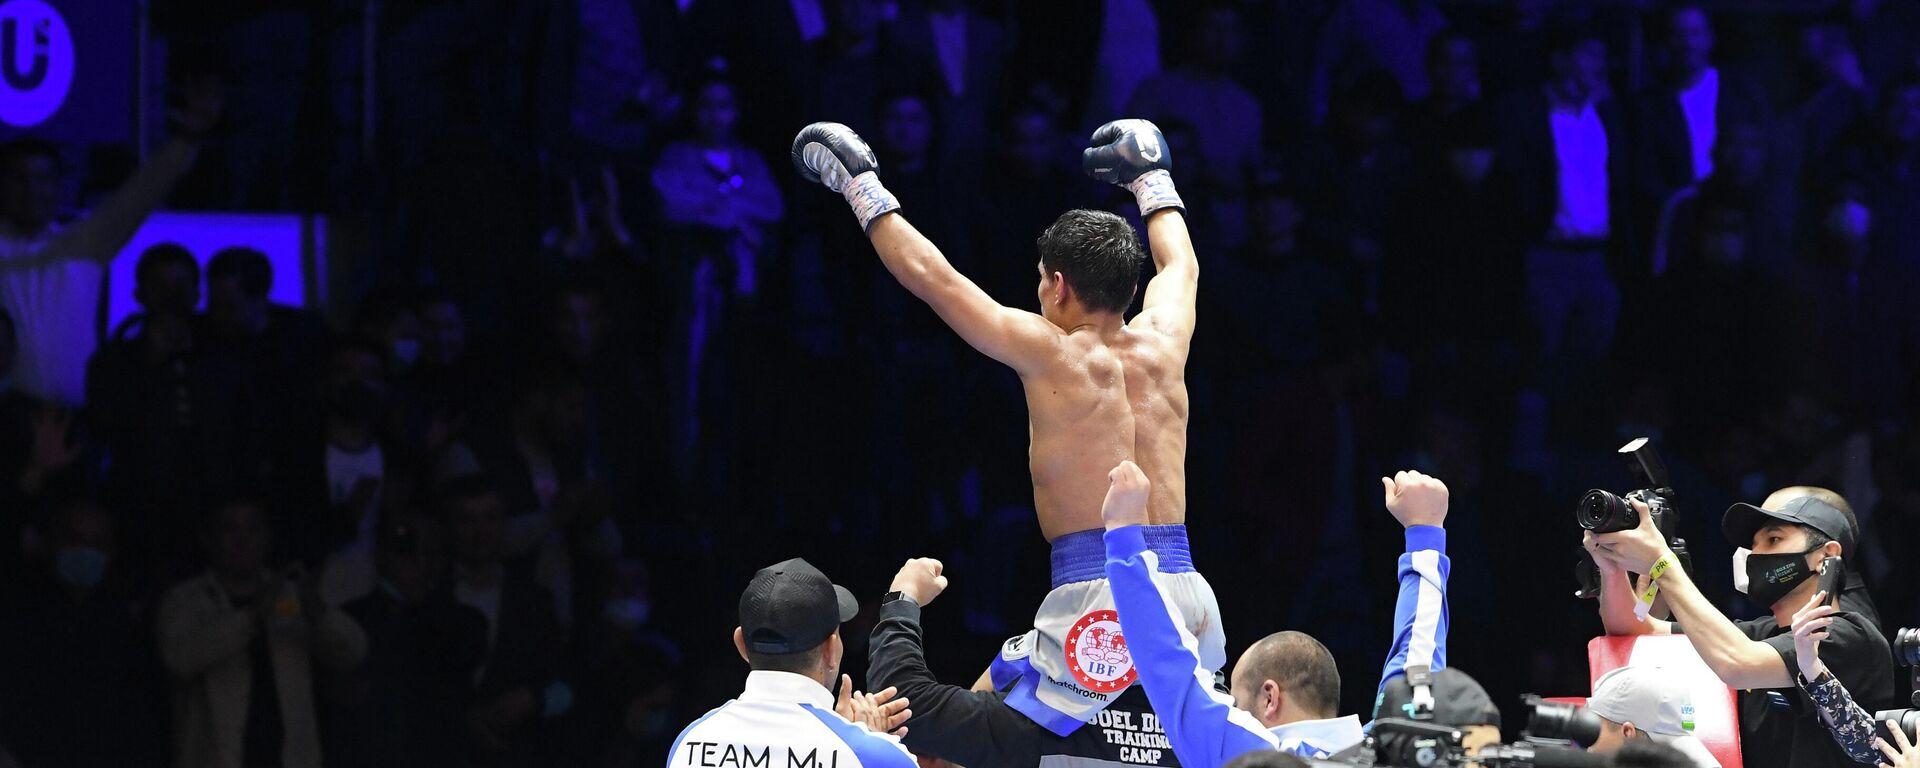 Чемпион мира по боксу по версии WBA Муроджон Ахмадалиев - Sputnik Узбекистан, 1920, 04.04.2021